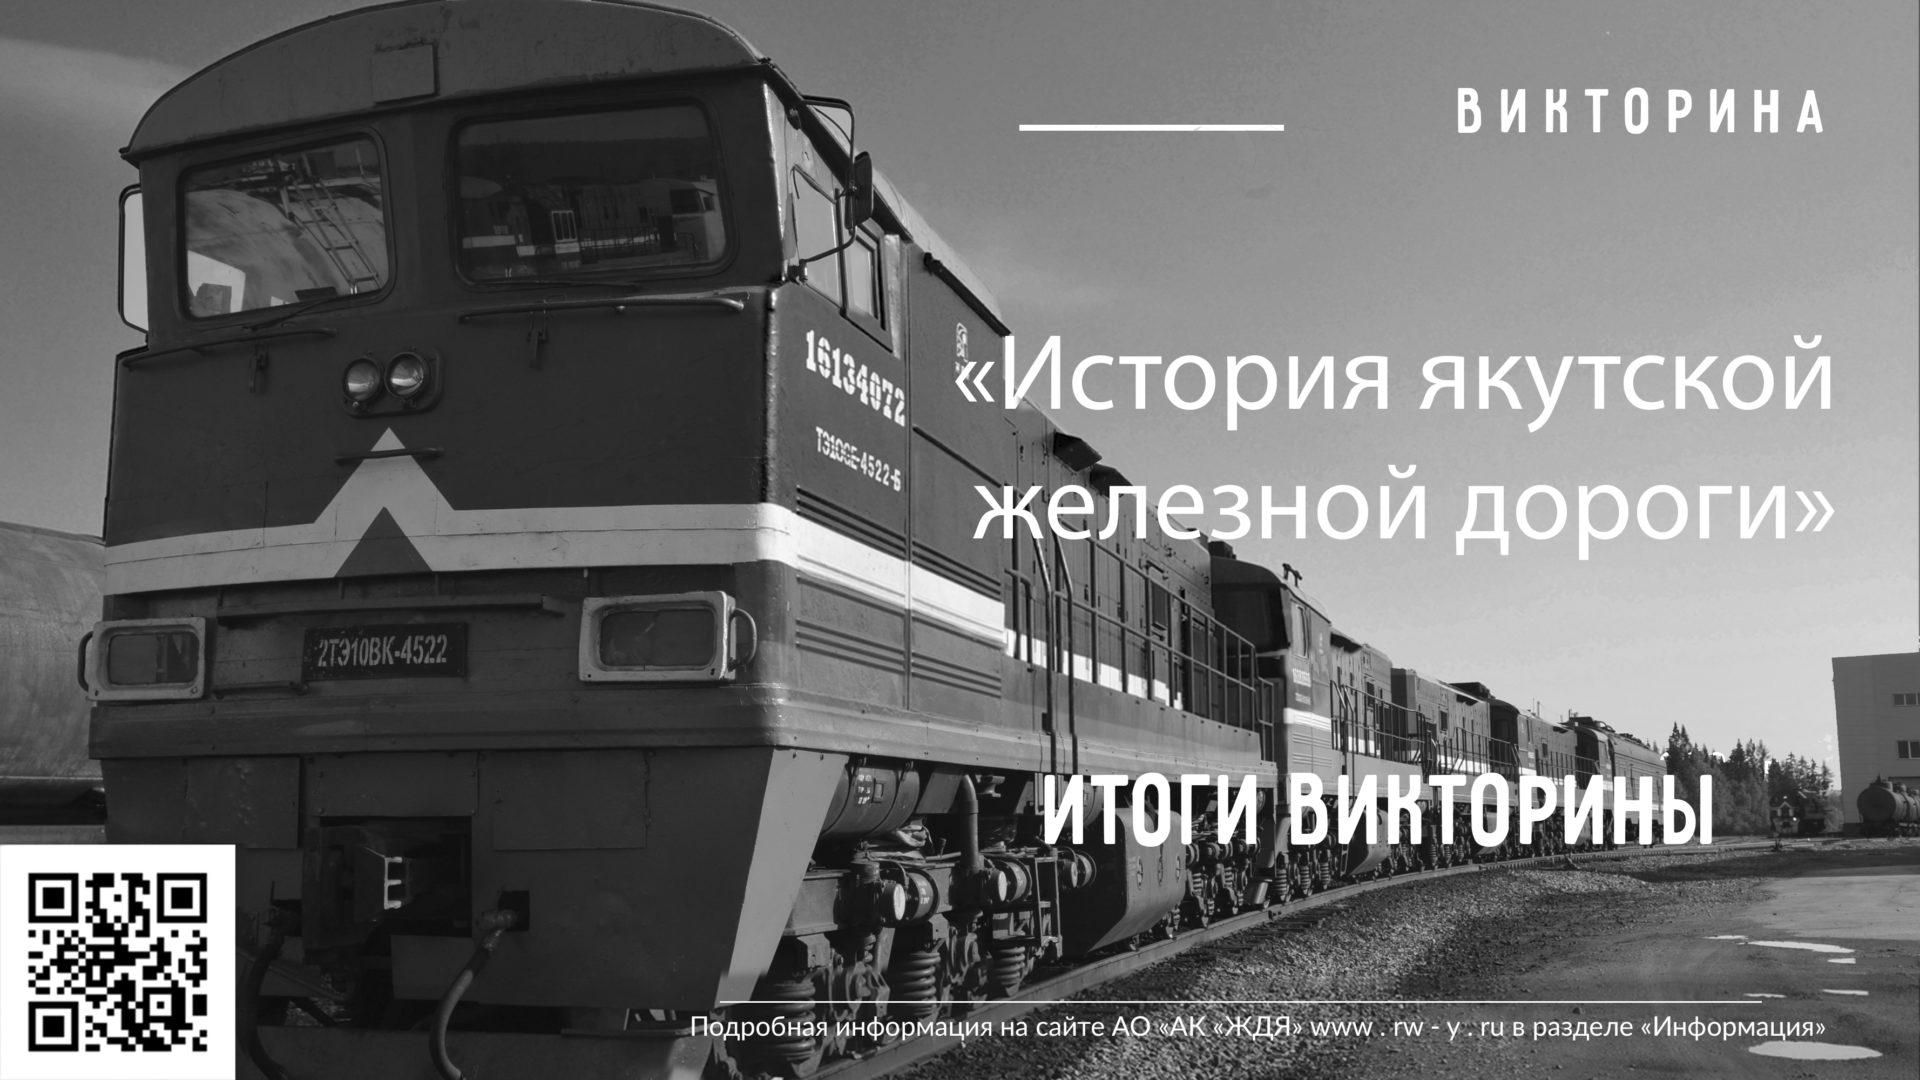 Подведены итоги викторины «История якутской железной дороги»